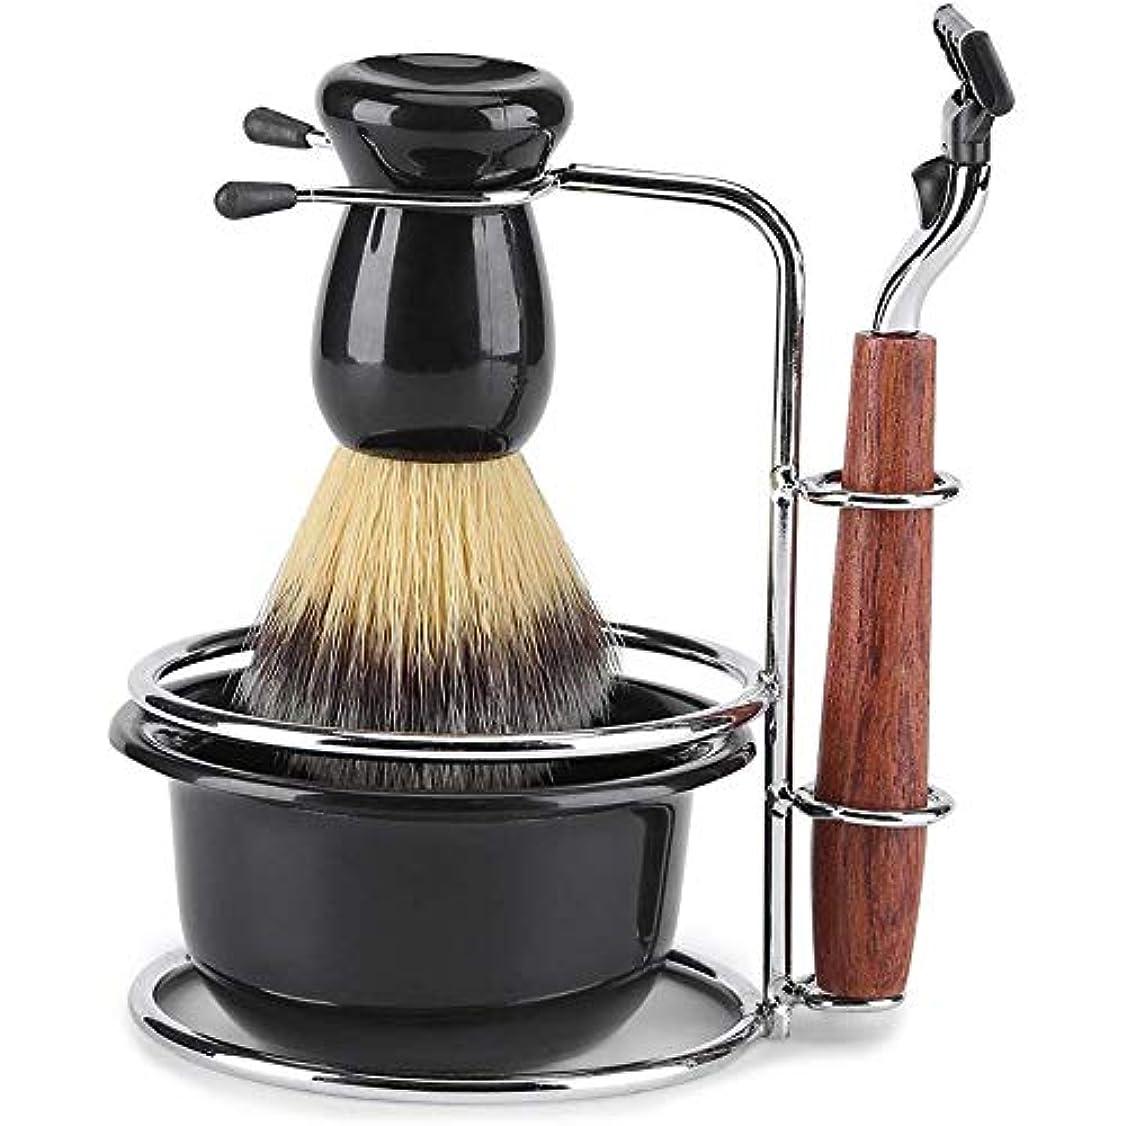 正義雨の国内の4セットシェービングブラシセットプラシスタンド 石鹸ボウル父の日プレゼント ひげブラシ シェービングブラシ 洗顔 髭剃り